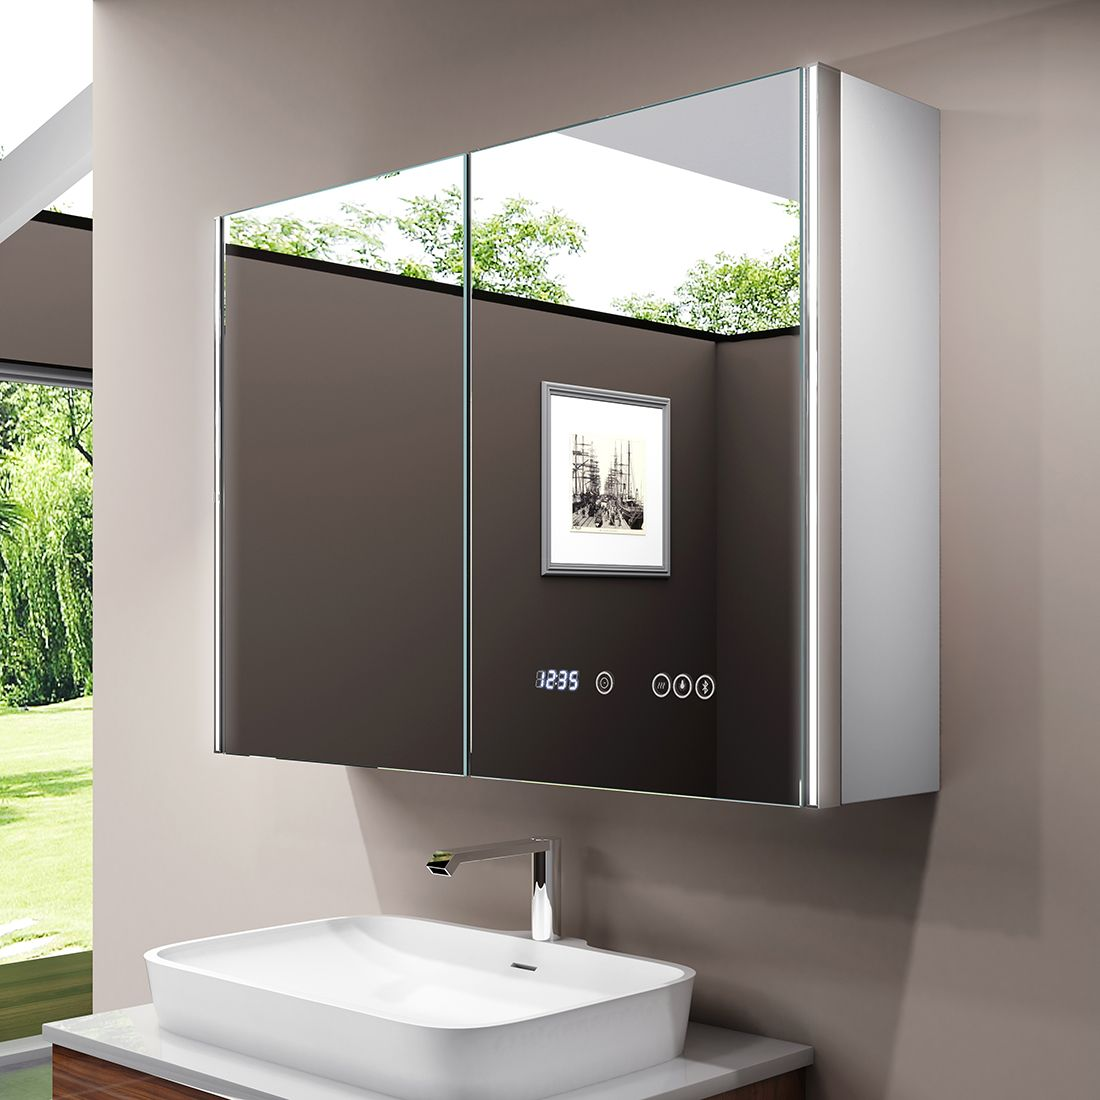 Neues Design Led Spiegelschrank Badschrank Mit Sensorschalter